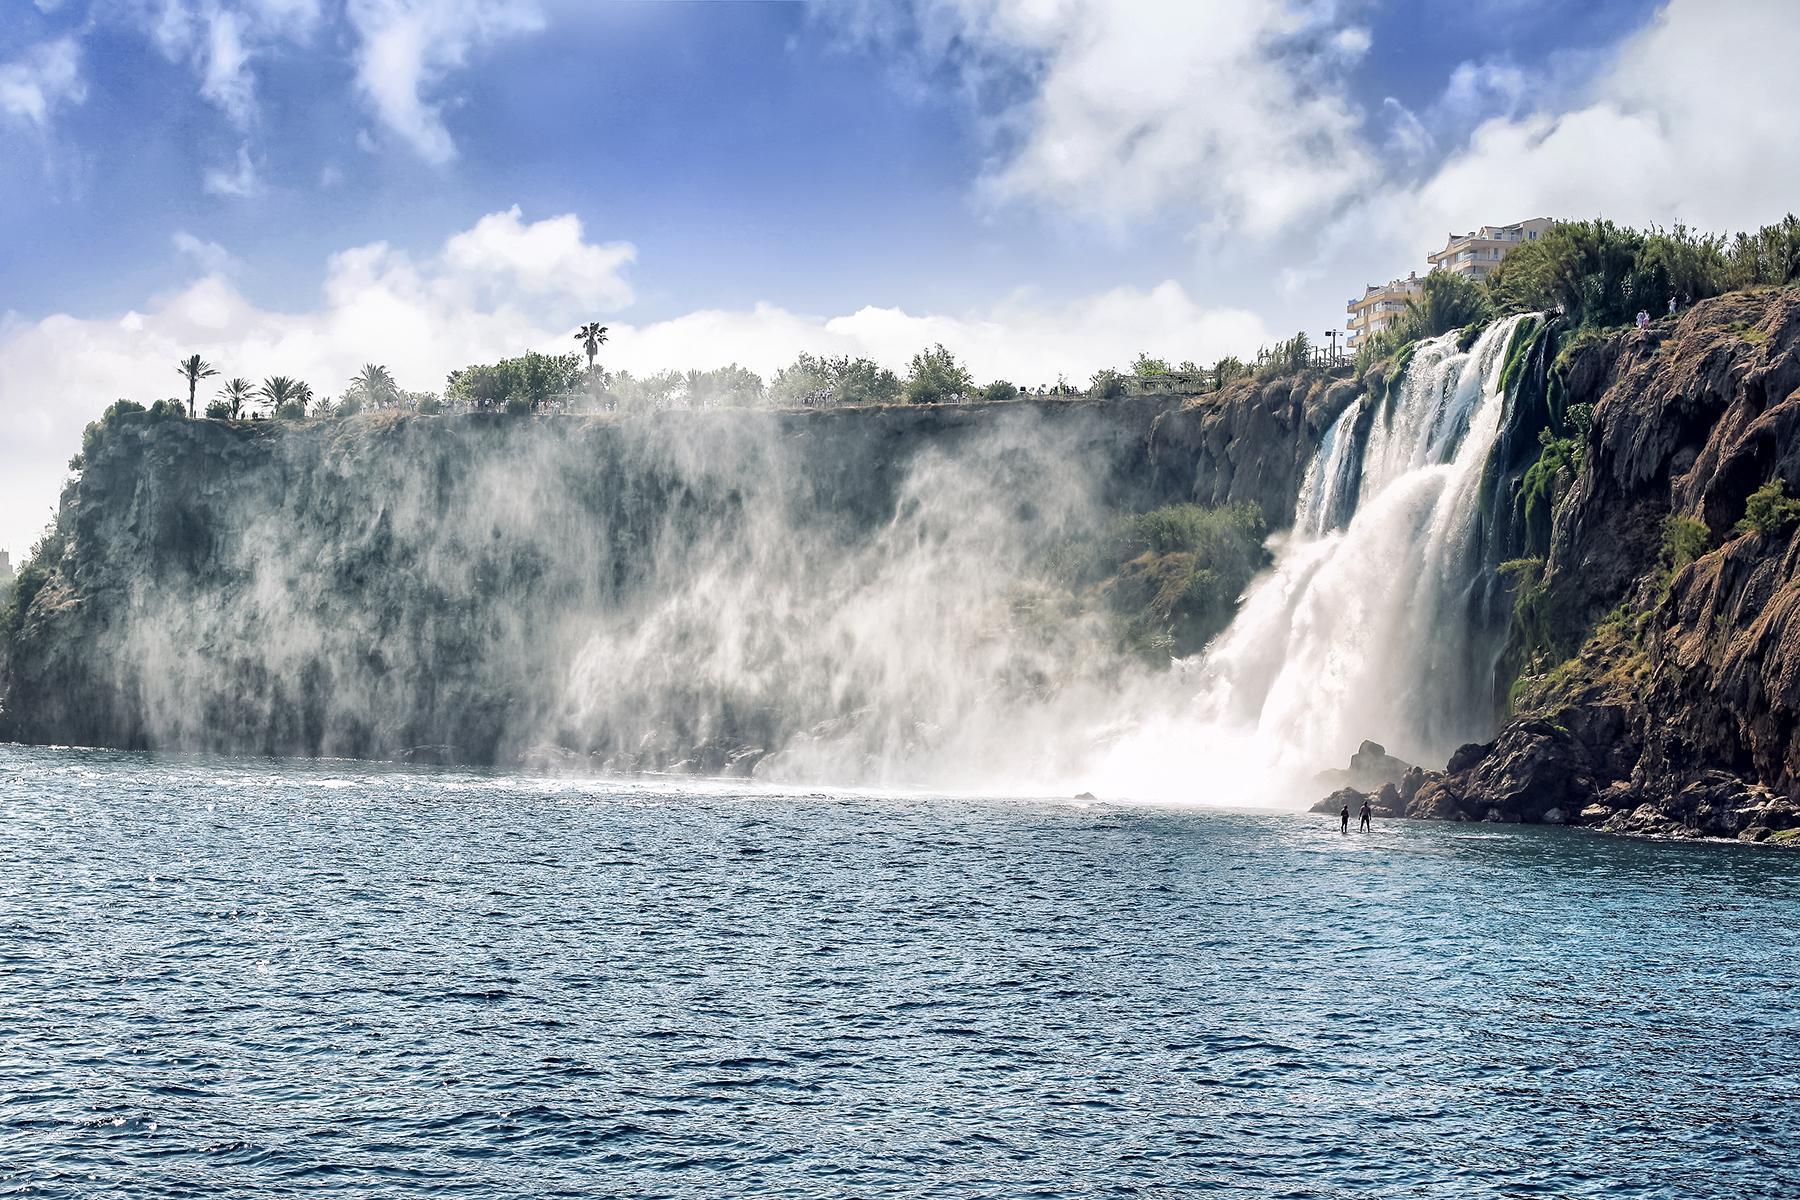 05_AdevnturousBabymoons__WaterfallsoutsideofAnatalya_shutterstock_69948172